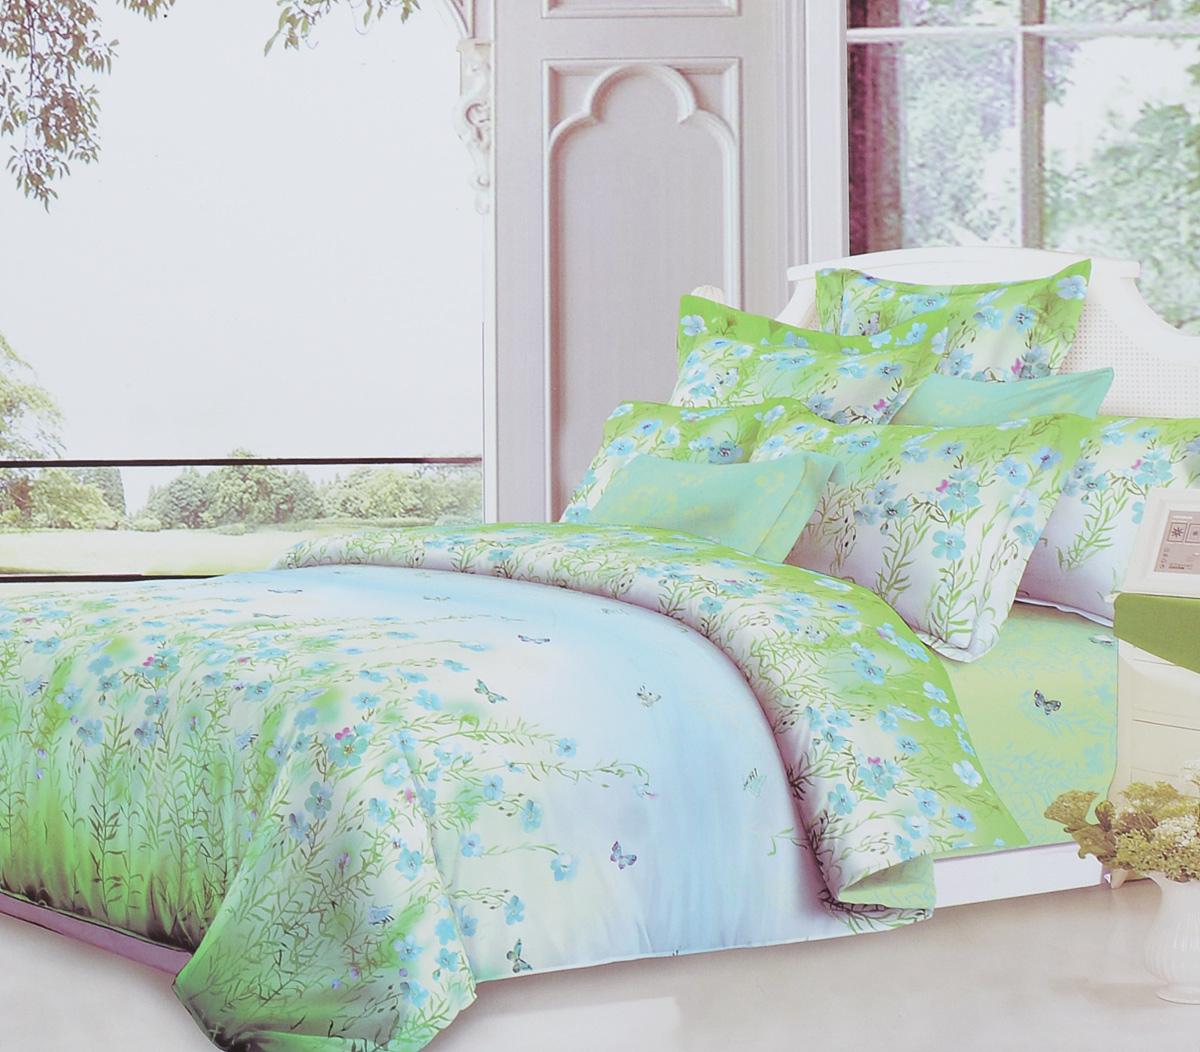 Комплект белья Primavera Classic Наслаждение, 2-спальный, наволочки 70х7088777Комплект постельного белья Primavera Classic Наслаждение является экологически безопасным для всей семьи, так как выполнен из высококачественного сатина (100% хлопка). Комплект состоит из пододеяльника на молнии, простыни и двух наволочек. Постельное белье оформлено ярким рисунком цветов и имеет изысканный внешний вид. Сатин - производится из высших сортов хлопка, а своим блеском и легкостью напоминает шелк. Постельное белье из сатина превращает жаркие летние ночи в прохладные и освежающие, а холодные зимние - в теплые и согревающие. Приобретая комплект постельного белья Primavera Classic Наслаждение, вы можете быть уверенны в том, что покупка доставит вам и вашим близким удовольствие и подарит максимальный комфорт.